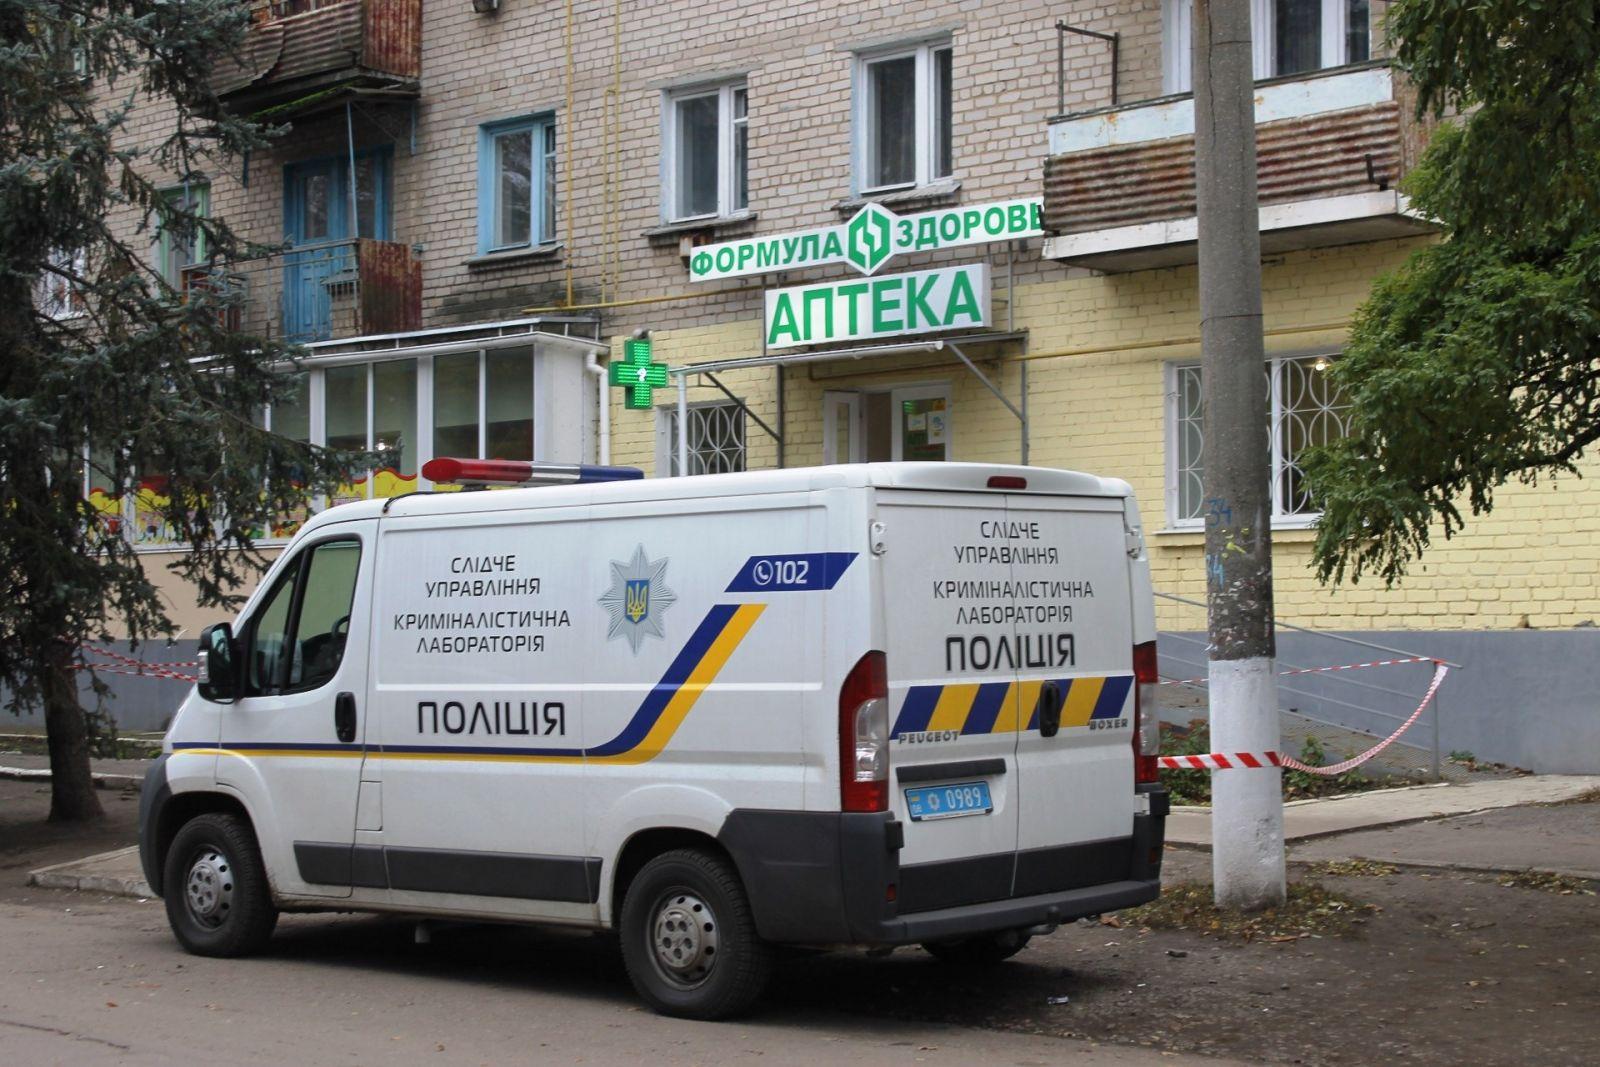 Во время задержания жителя Запорожской области пострадали полицейские